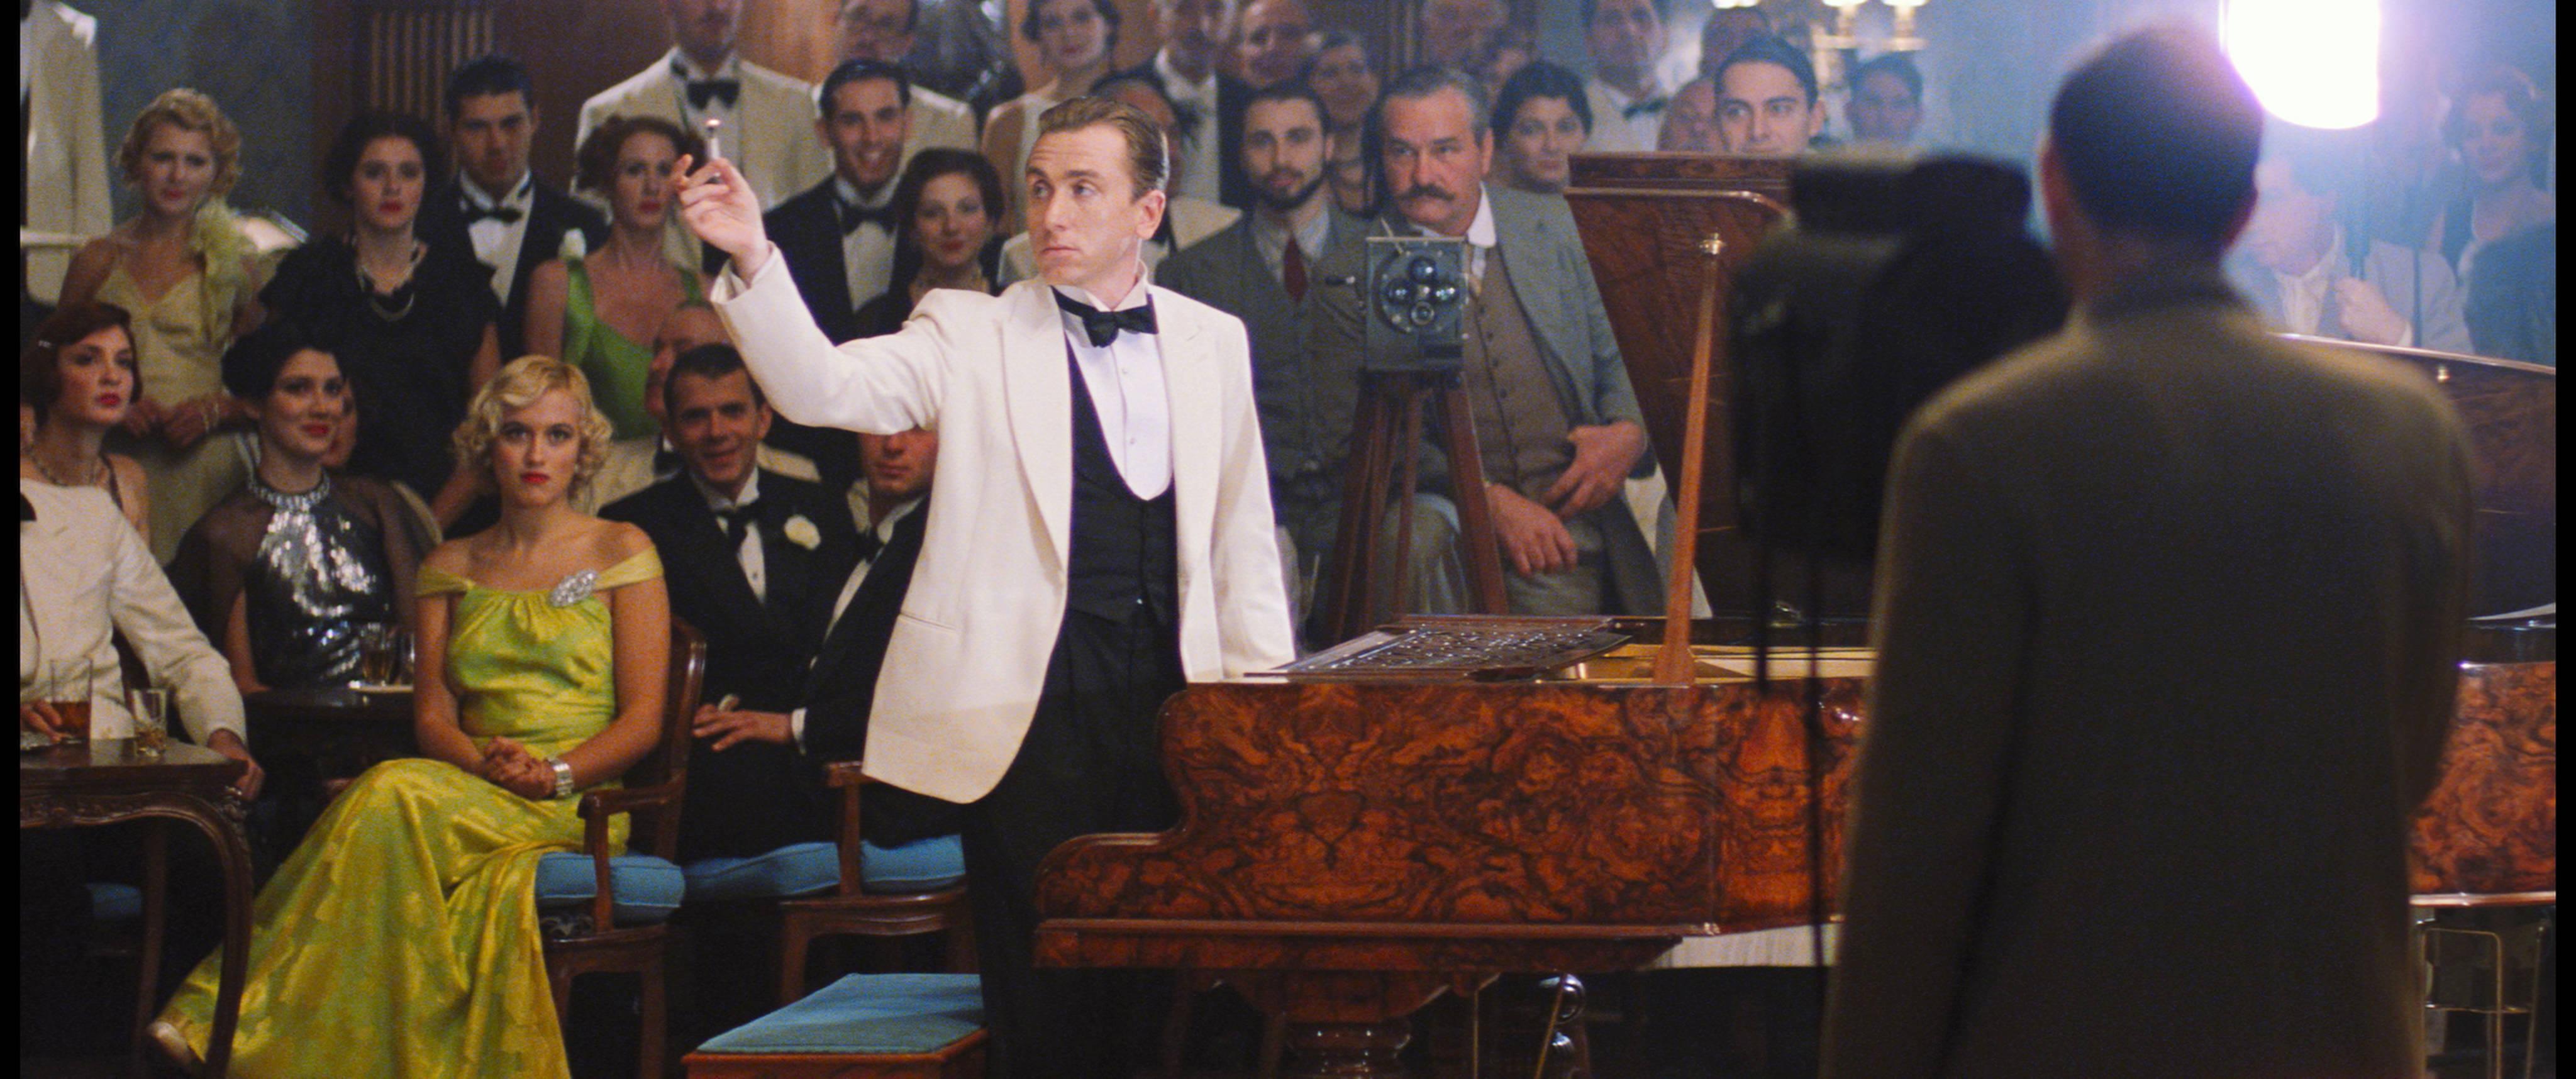 《海上鋼琴師》讓人在茫茫人生中,重新思索生命定位與情感方向